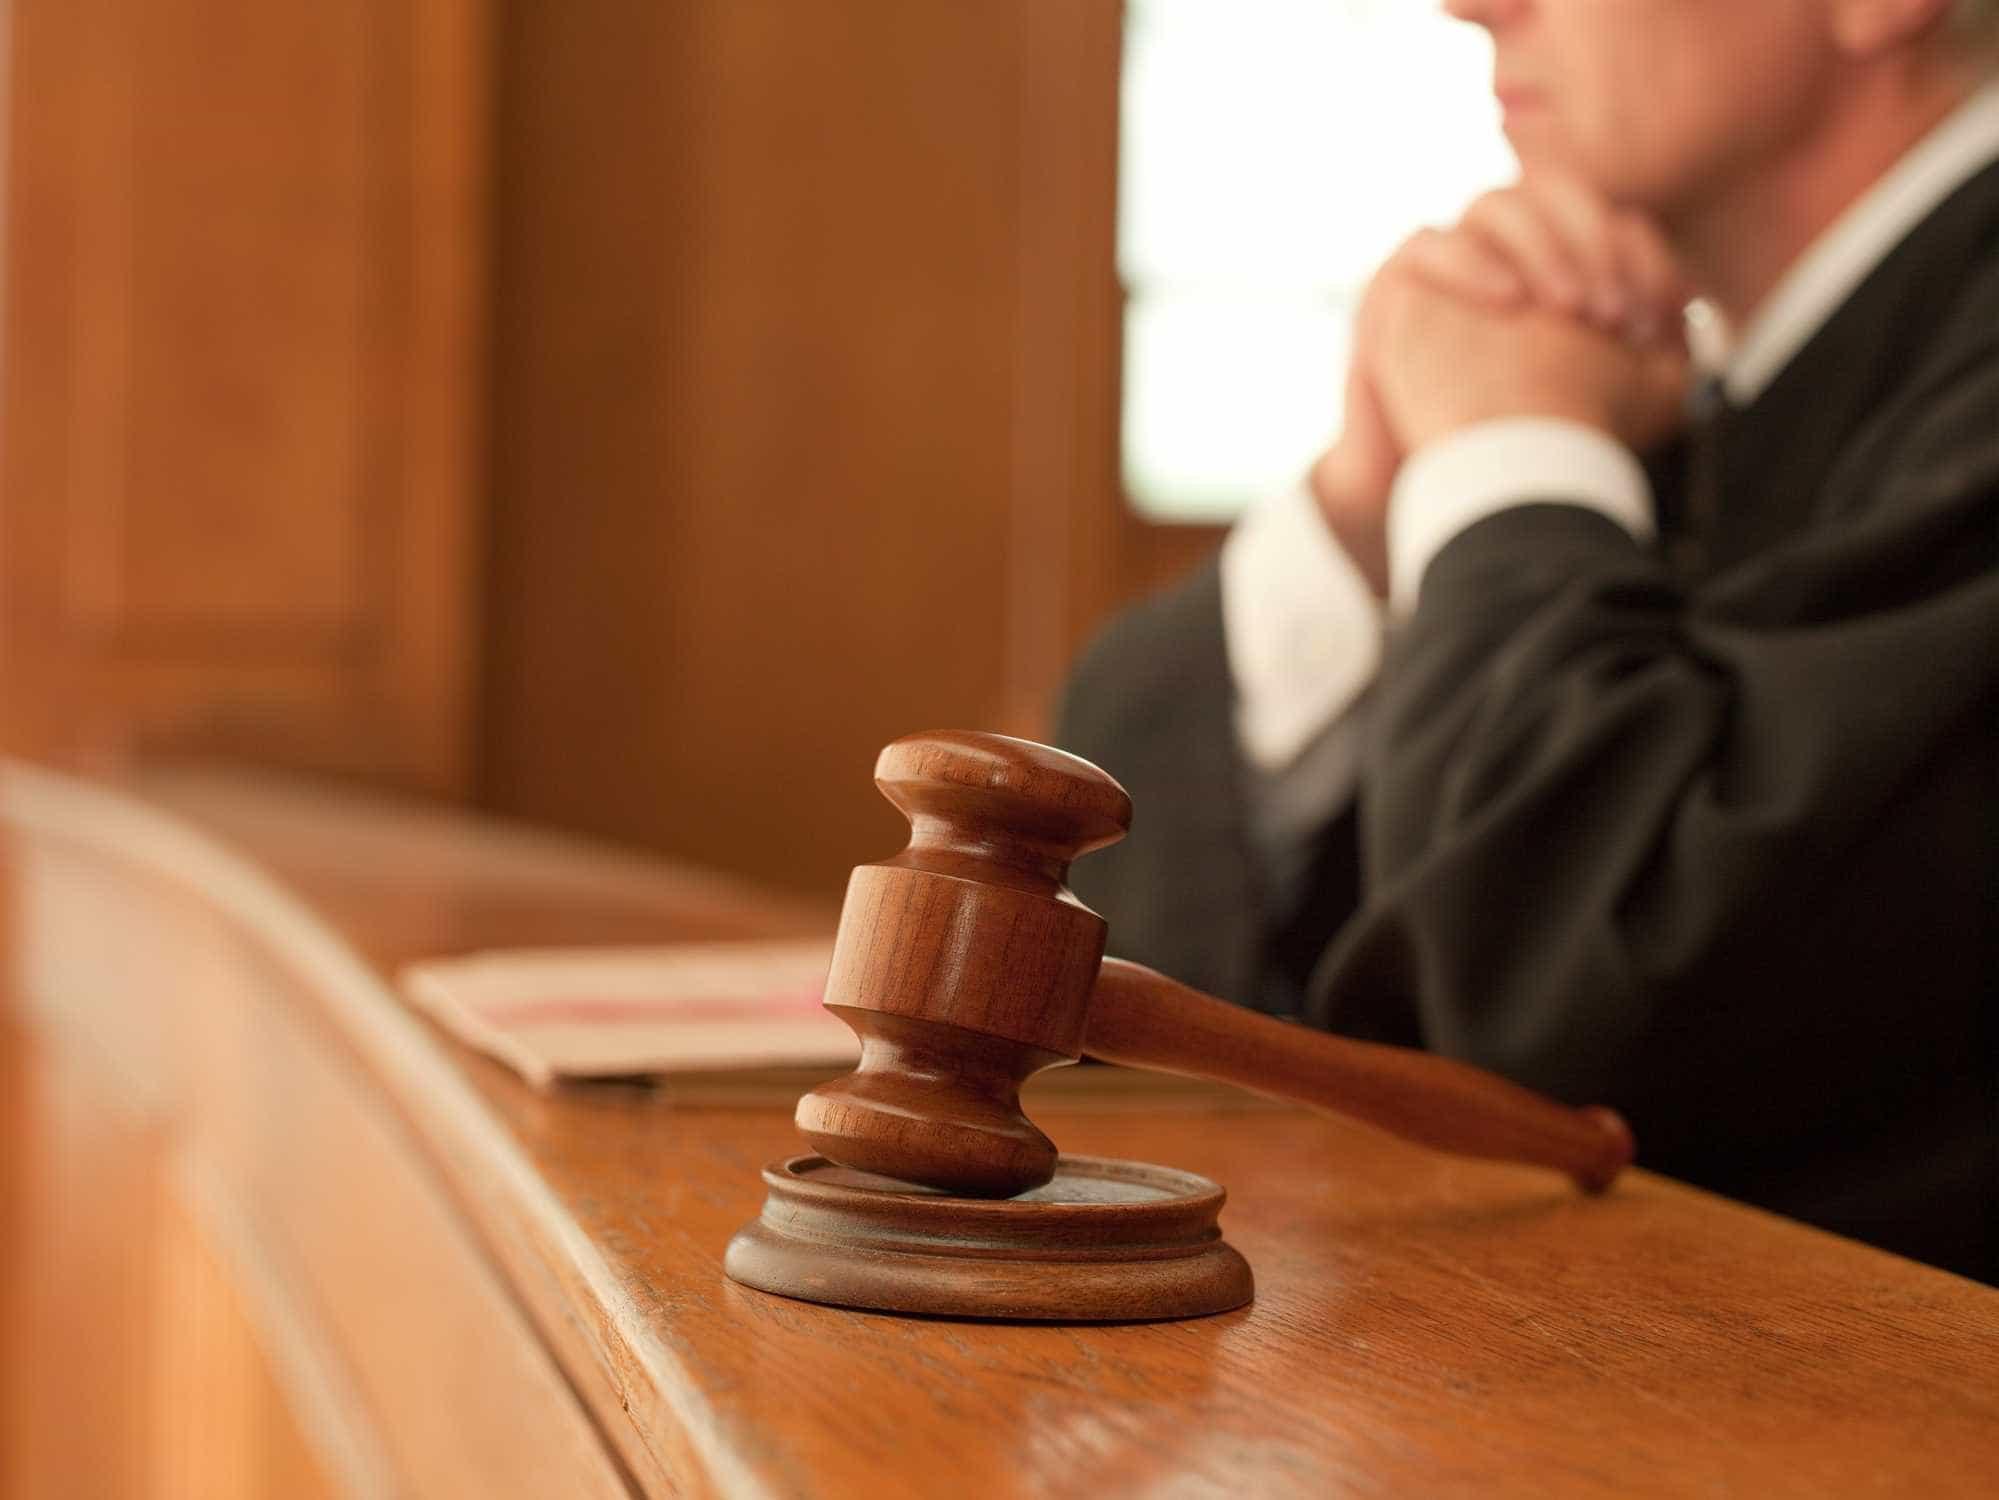 Depois de cão balear dono, tribunal alemão decide retirar licença a homem